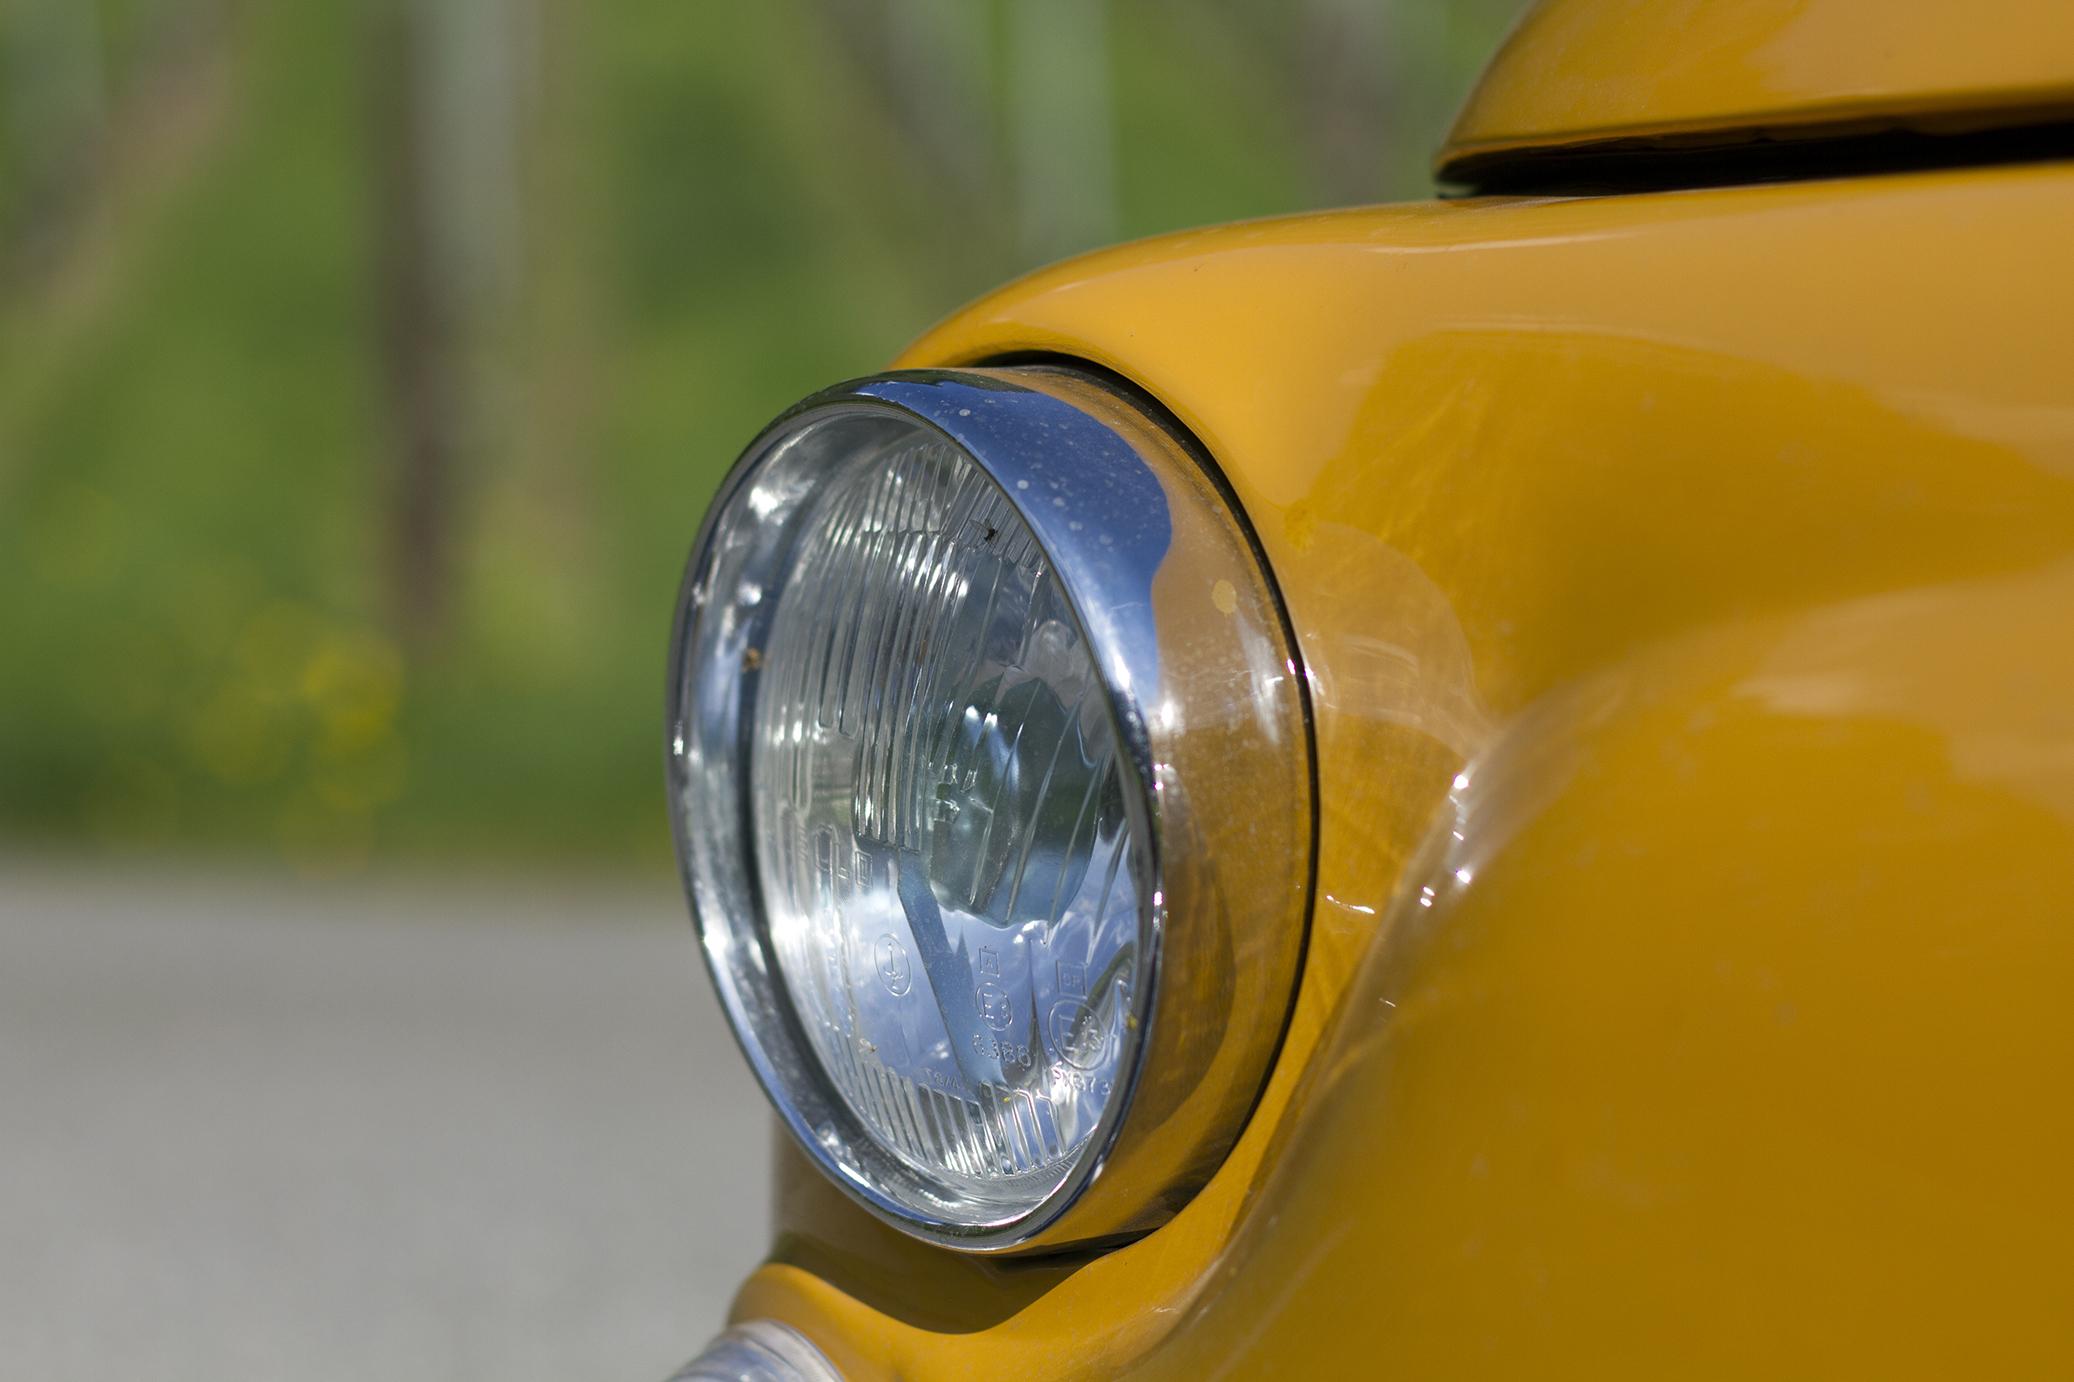 Fiat 500 phare